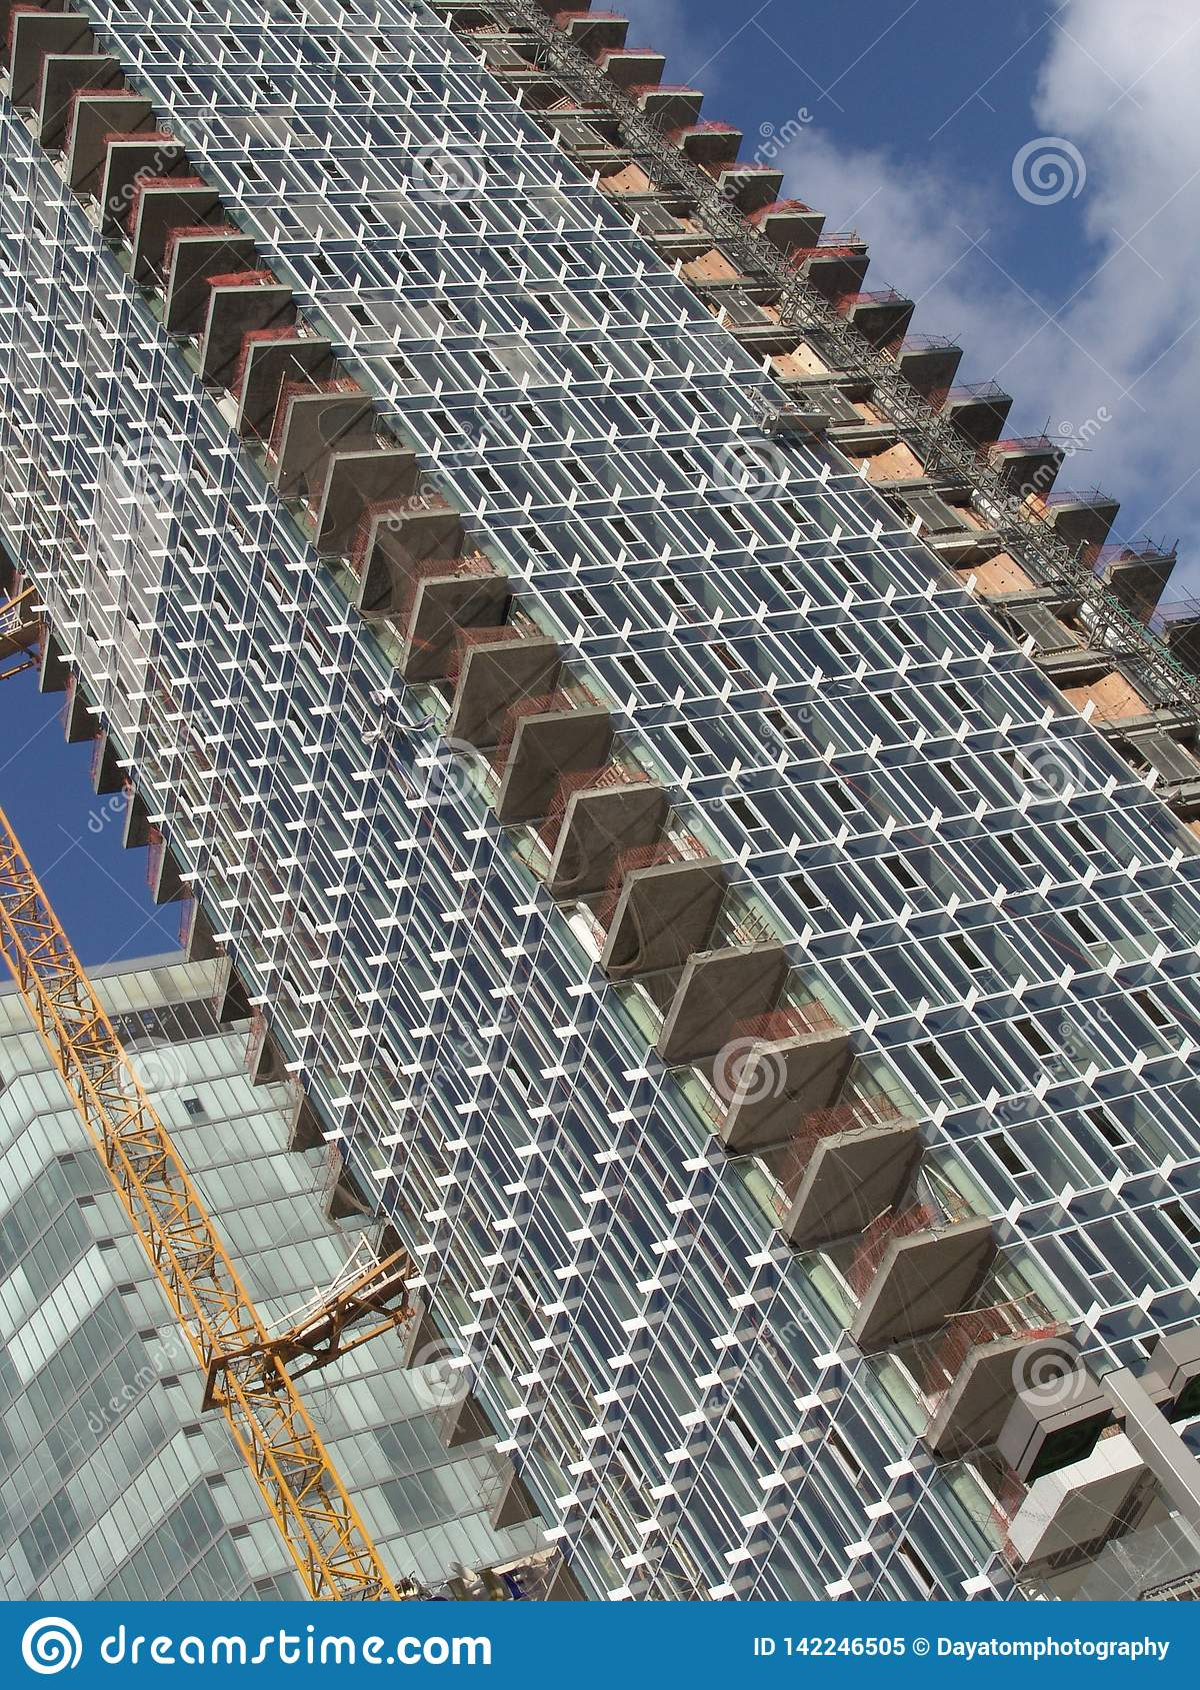 Άποψη γωνιών του δρόμου ενός εργοτάξιου οικοδομής ενός κτηρίου ουρανοξυστών